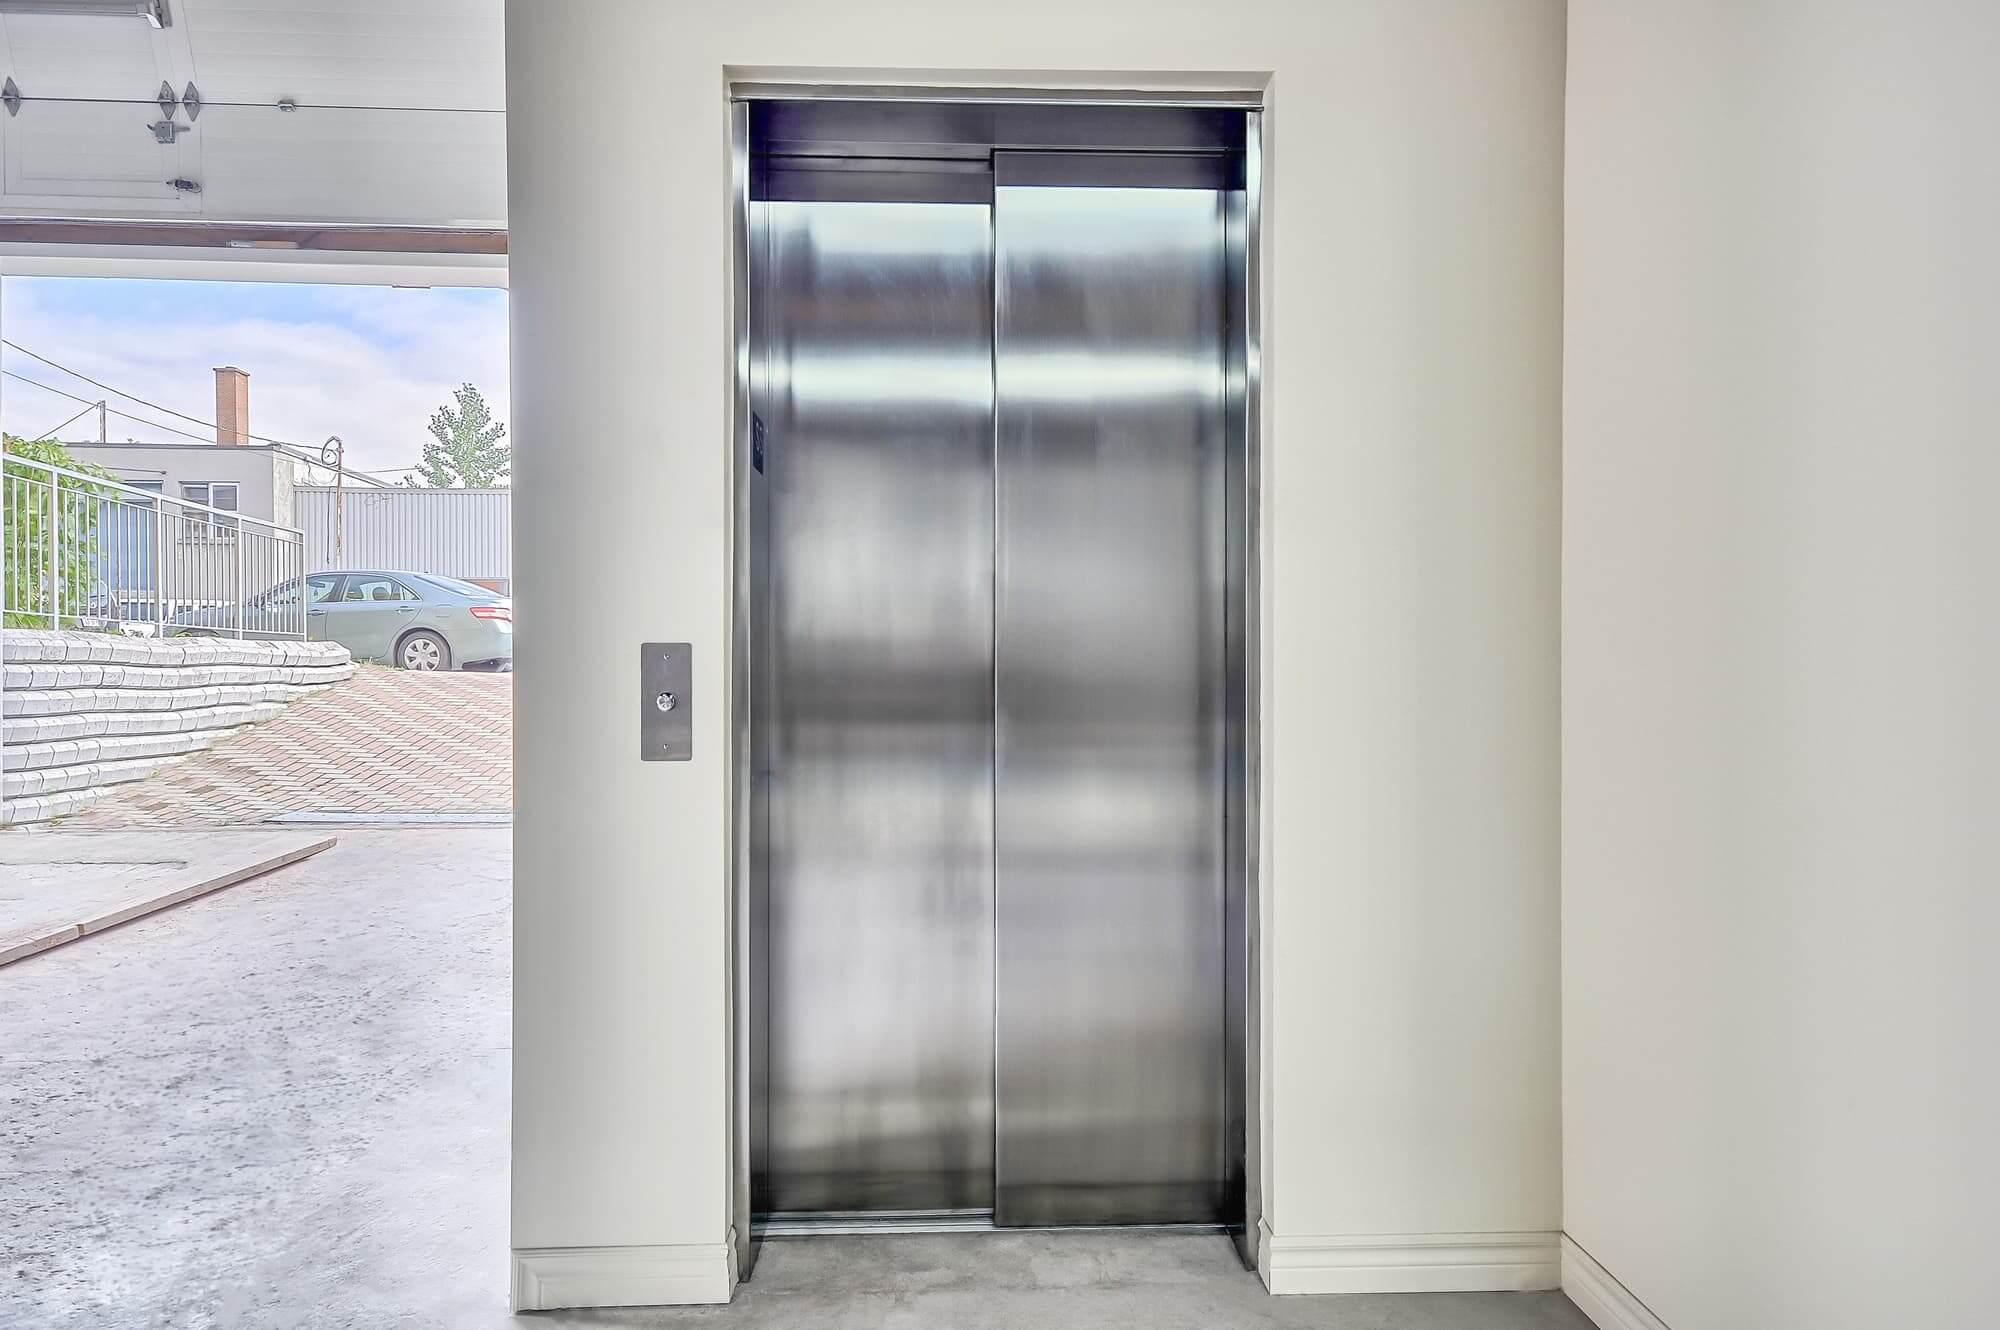 Ascenseur avec porte en stainless fermée au sous-sol d'un bâtiment